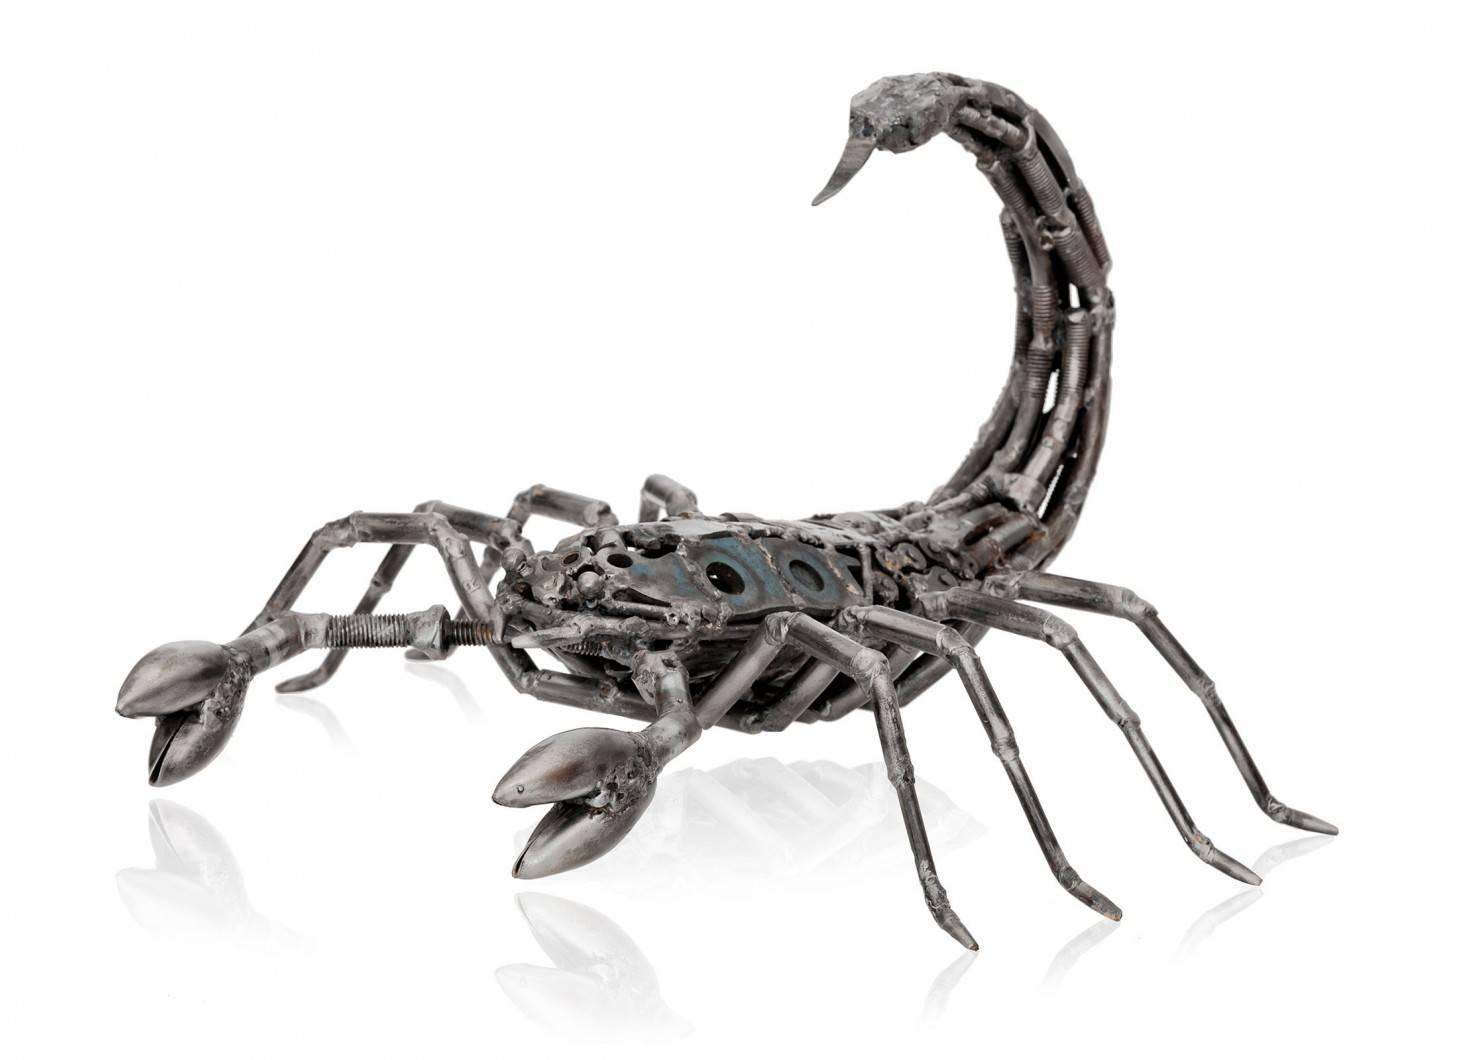 Sculpture de Scorpion en métal récupéré